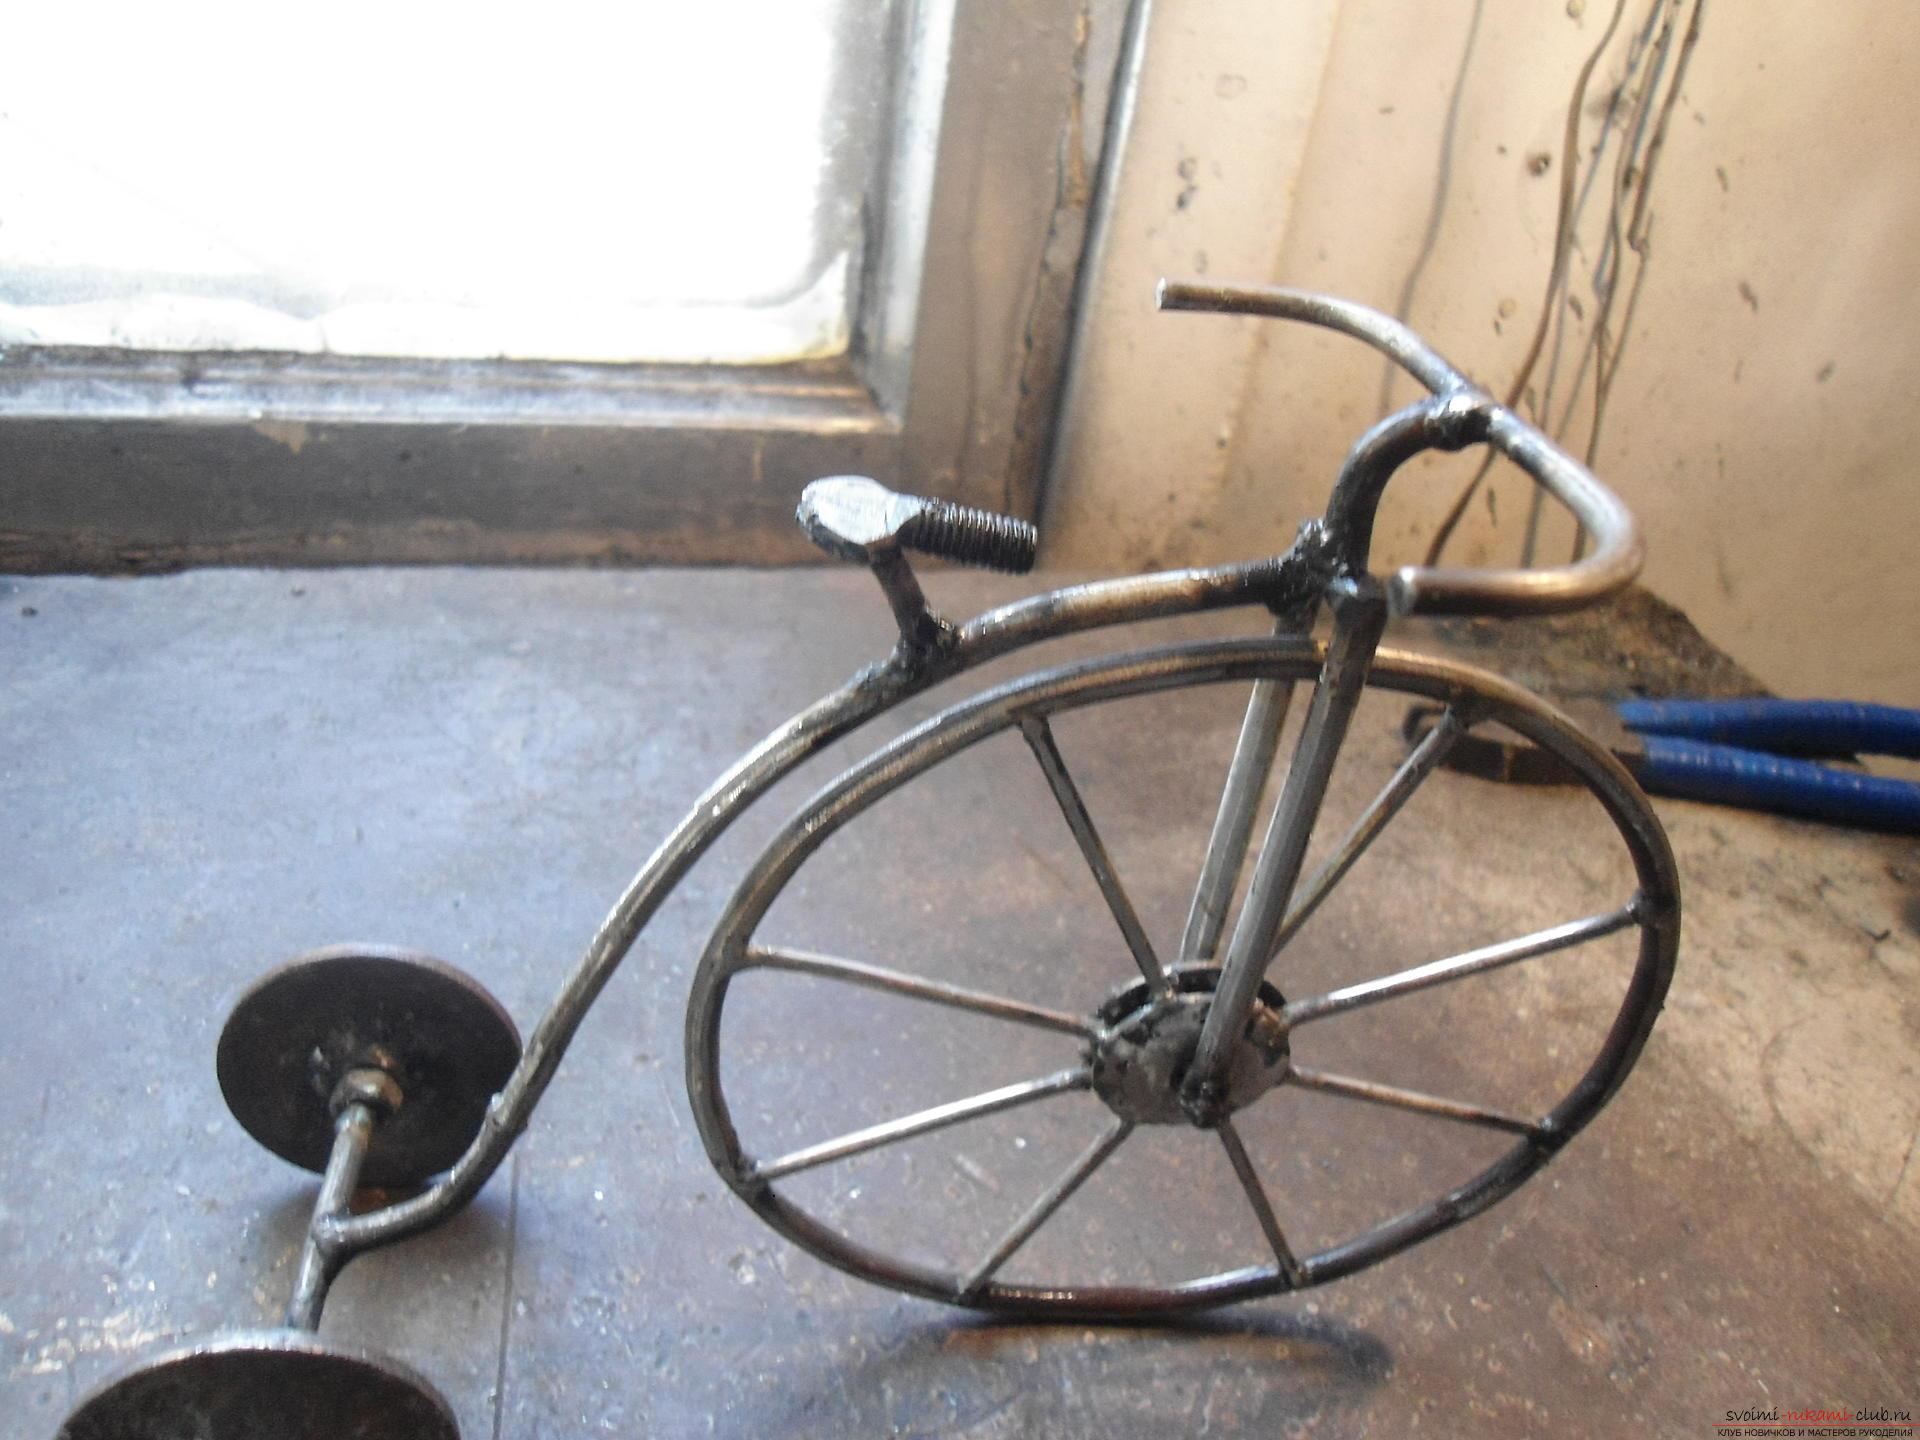 Как можно украсить велосипед своими руками в домашних условиях? 92